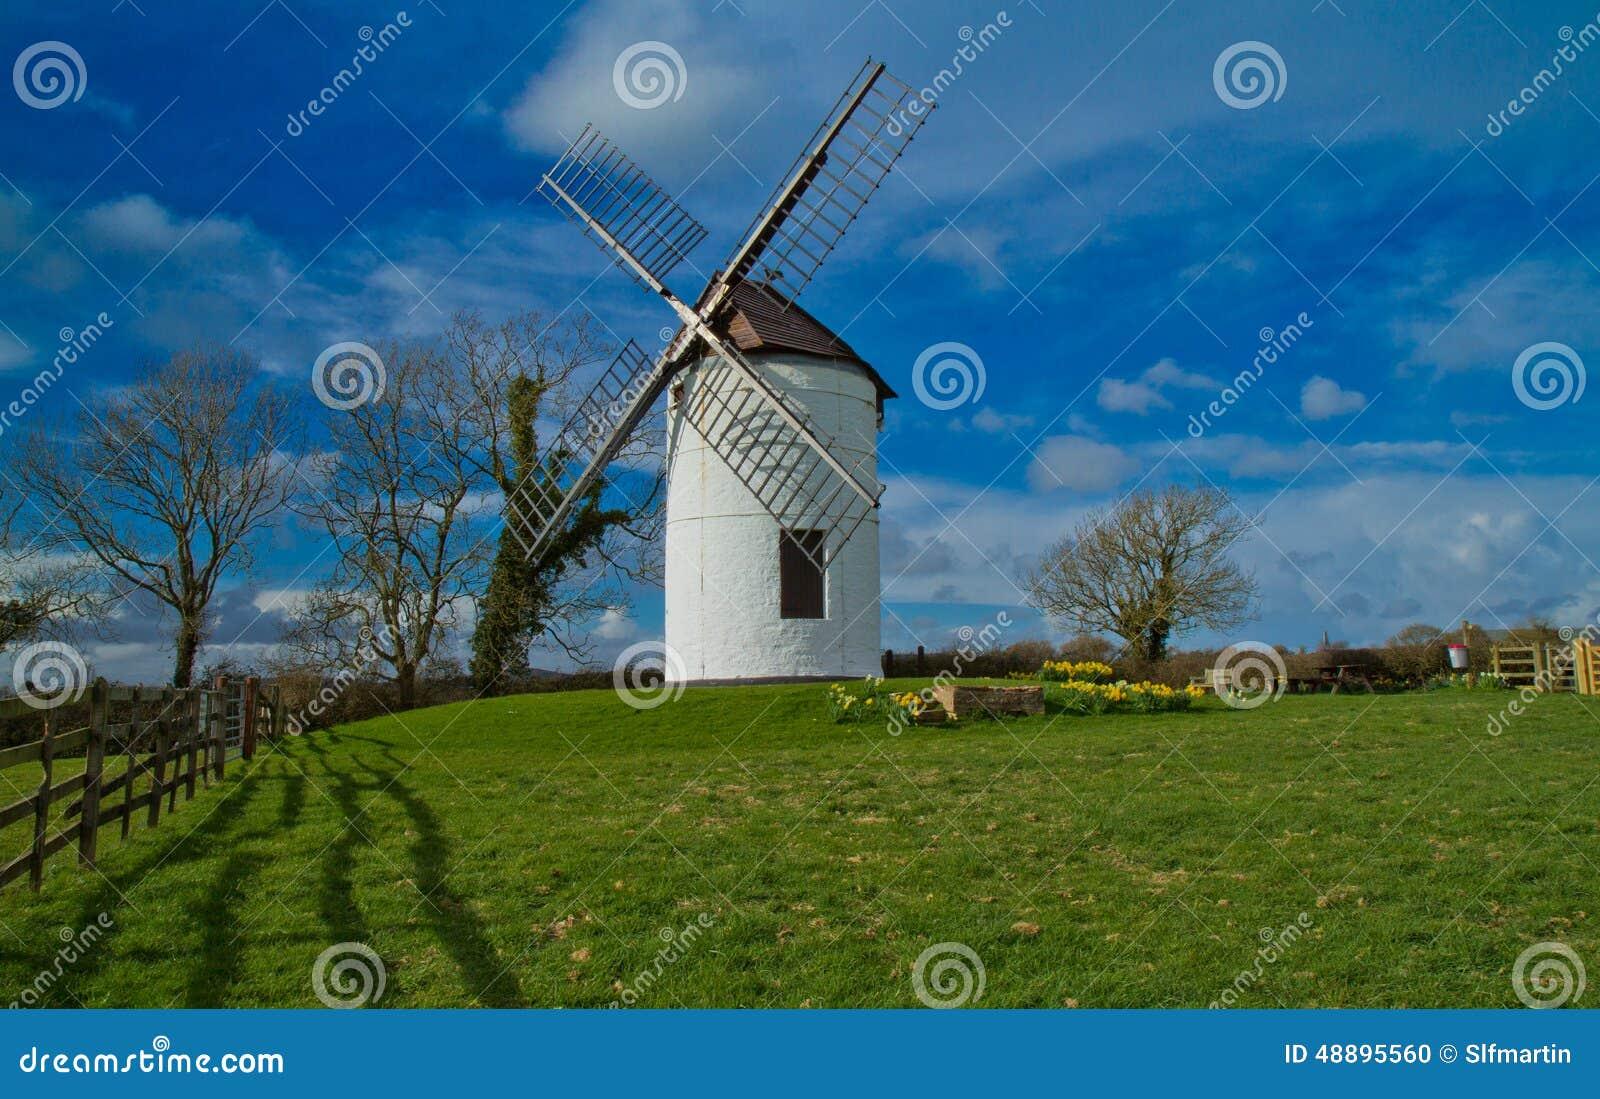 Paisaje rural del molino de viento